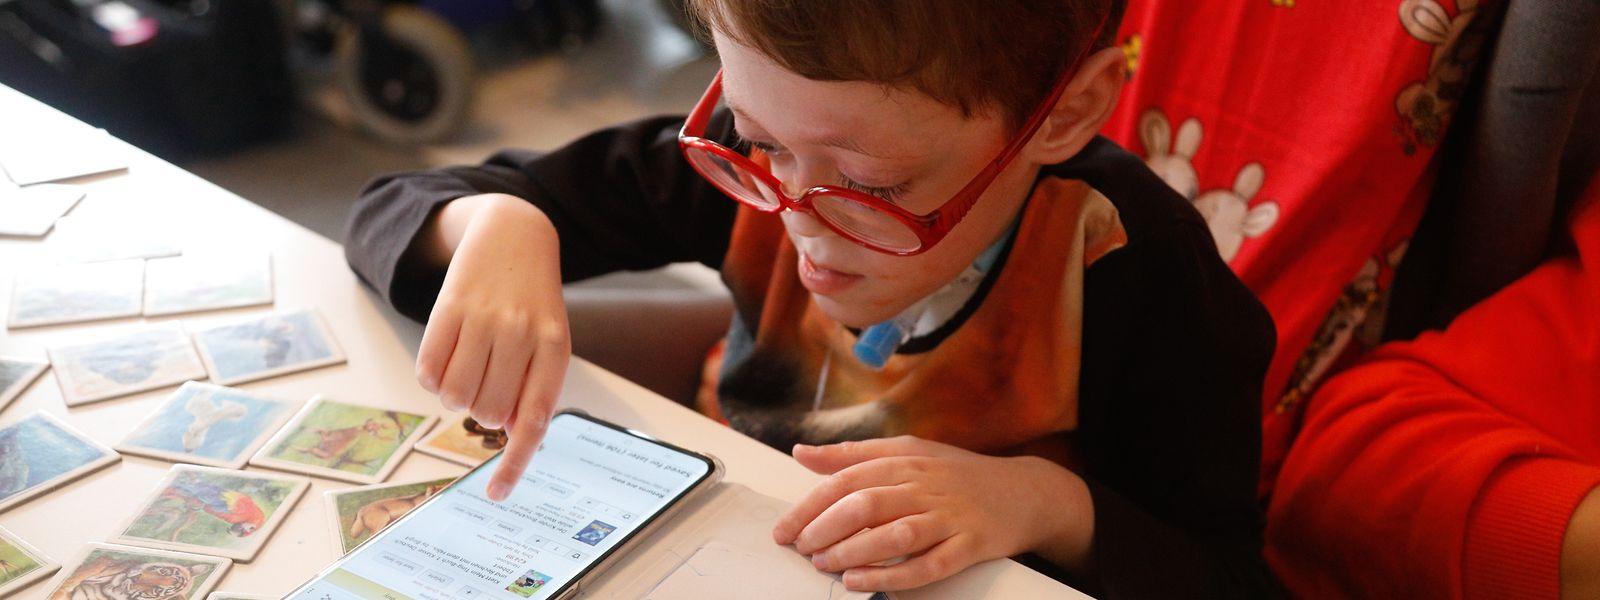 Da der sechsjährige Darius wegen eines Luftröhrenschnitts nicht mehr sprechen kann, kommuniziert er teilweise auch via Tablet.